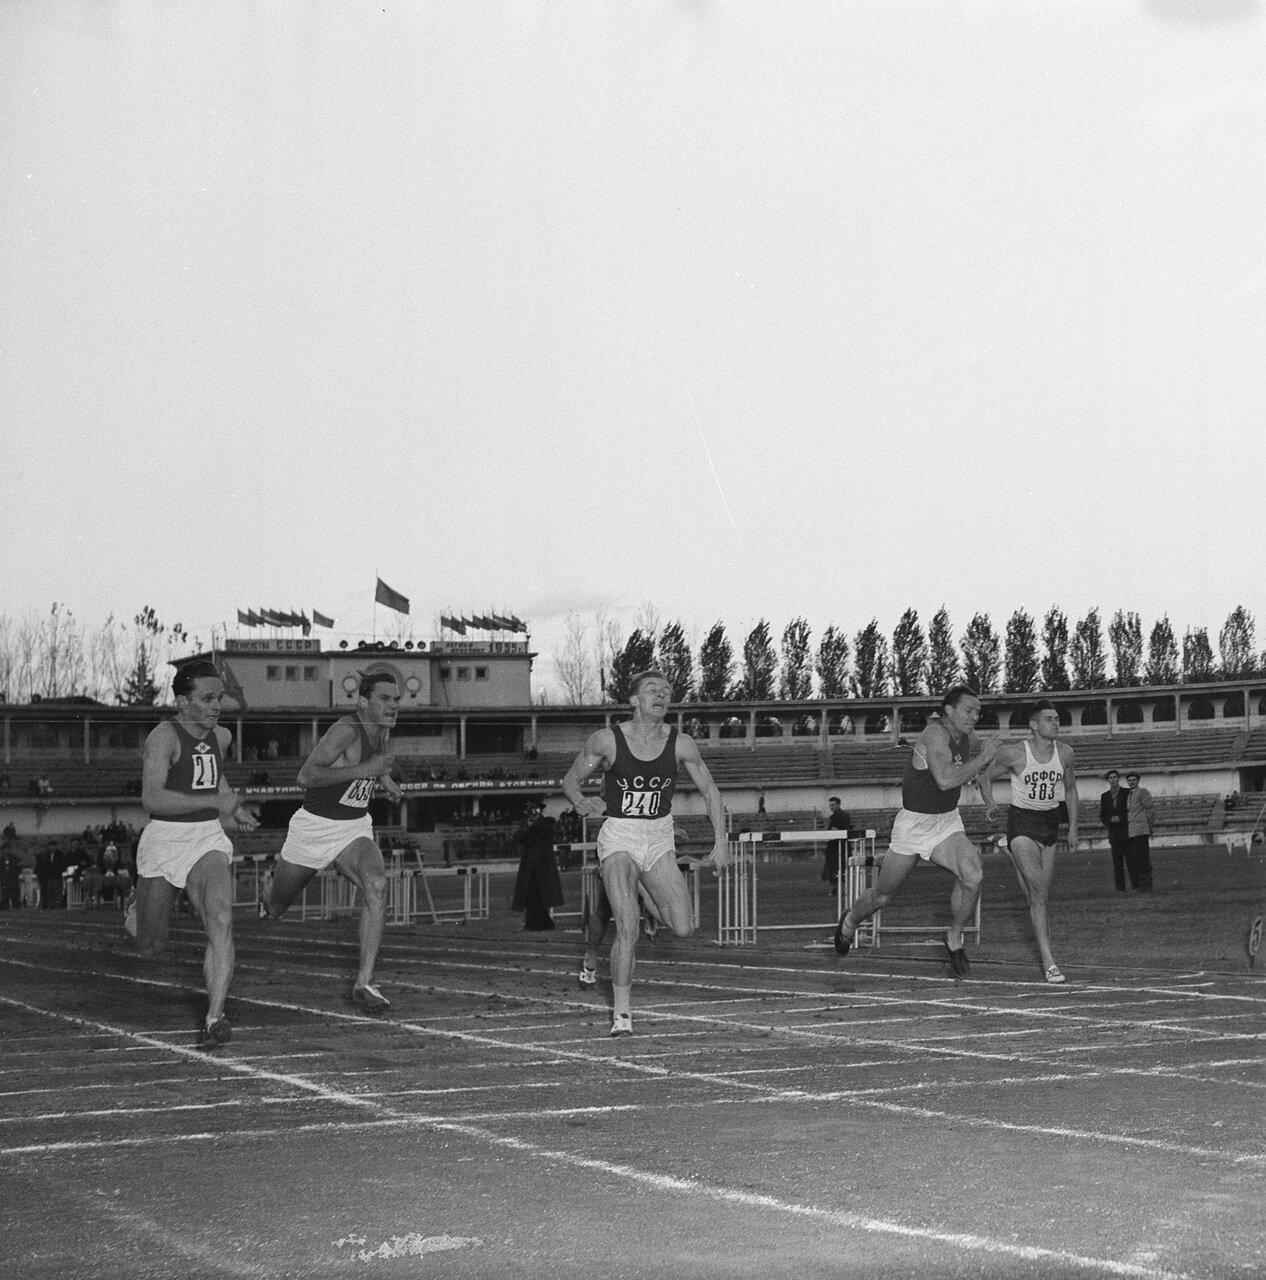 Финиш забега на 100 метров, среди прочих Токарев